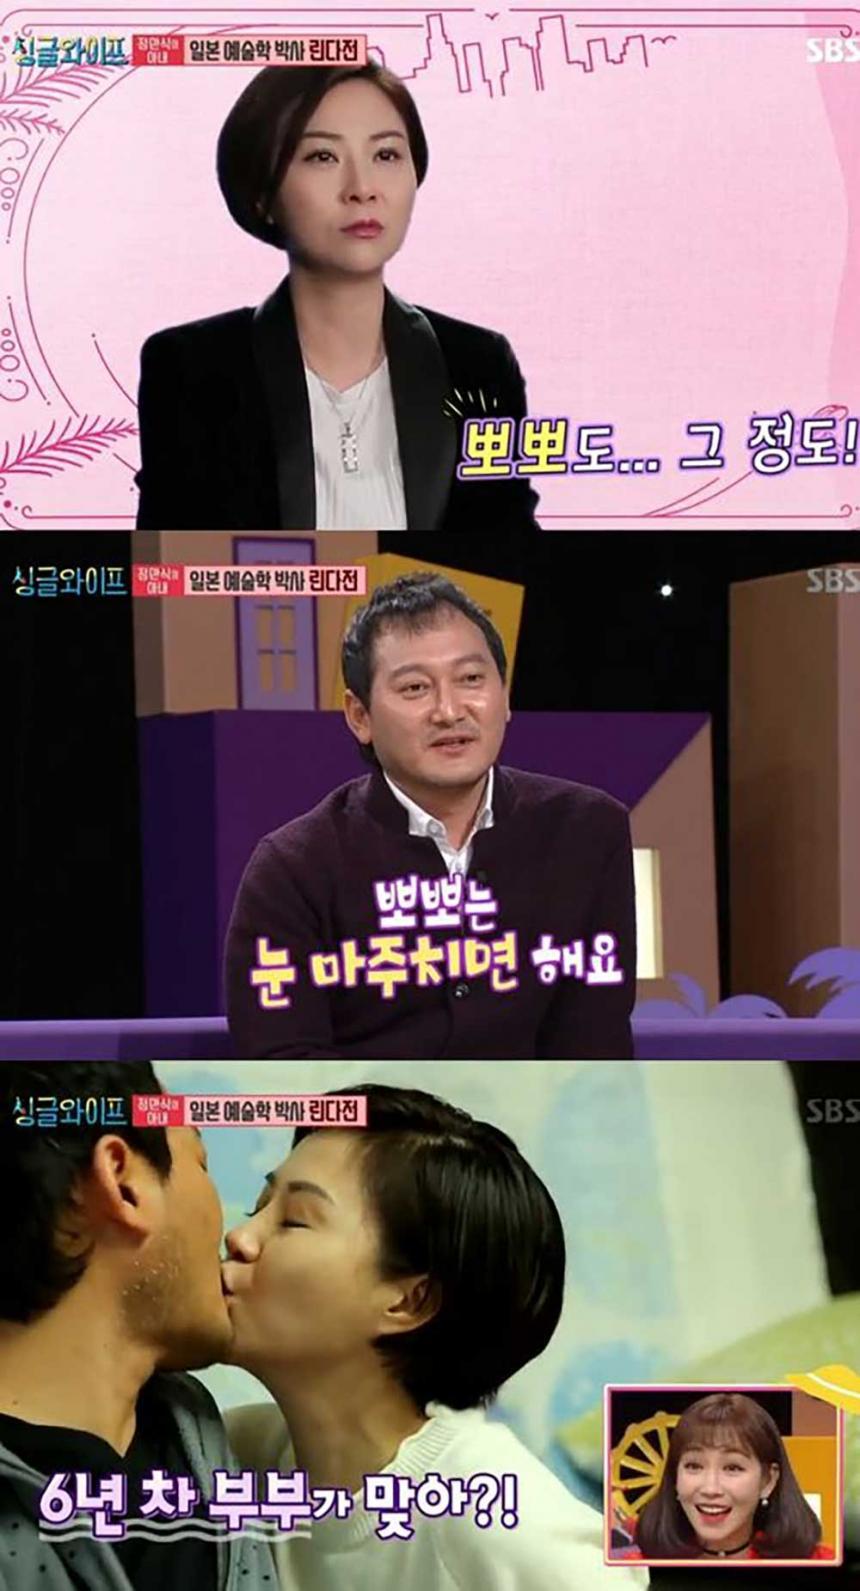 SBS '싱글와이프2' 방송 캡처